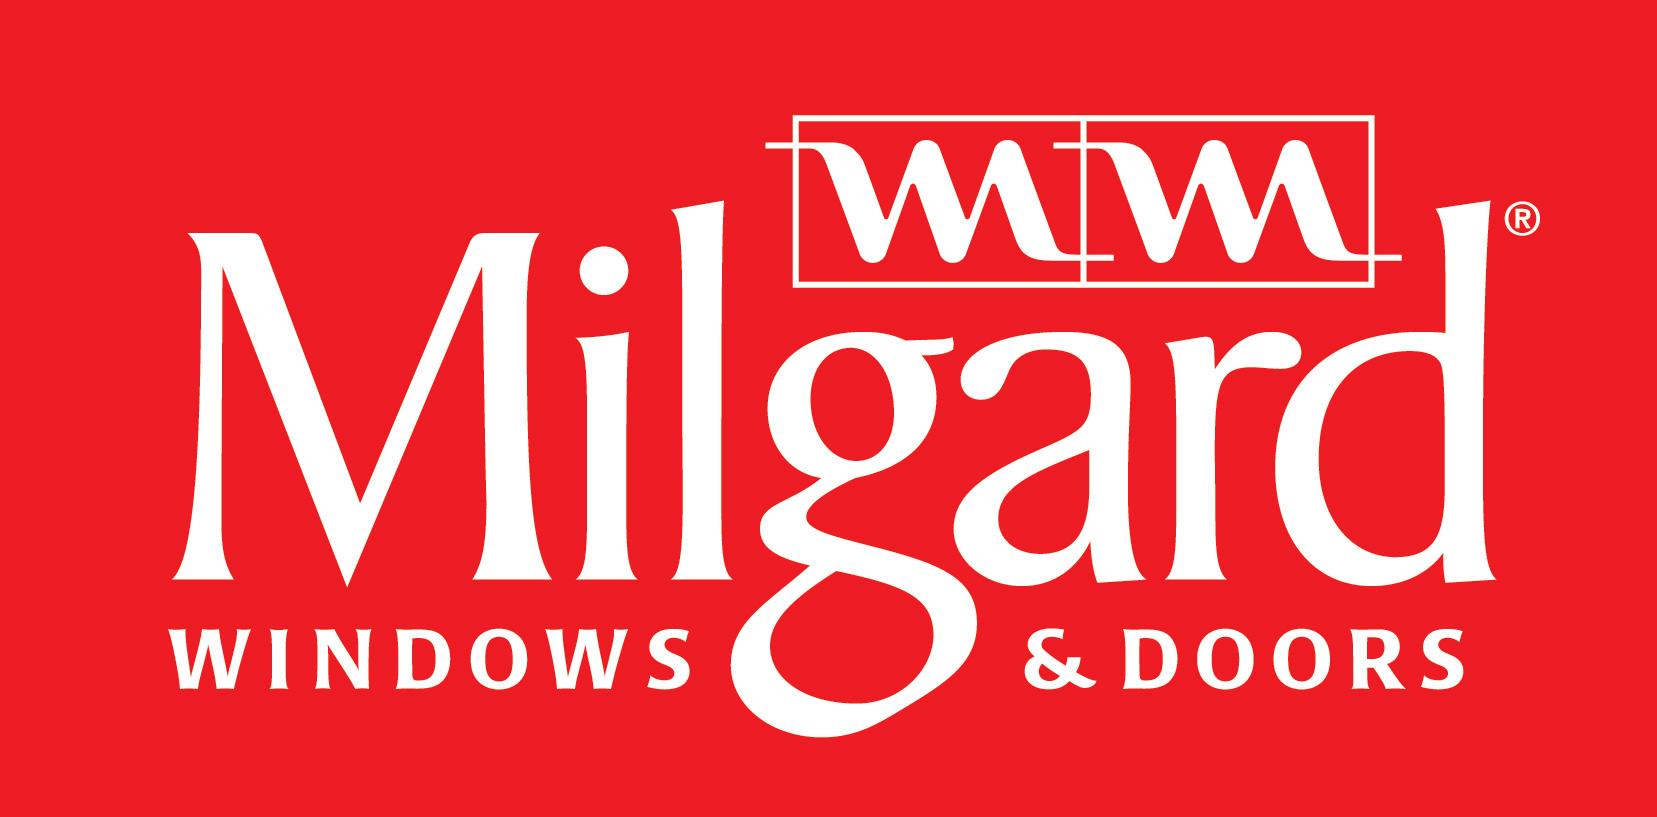 2019 Empowering - Milgard logo